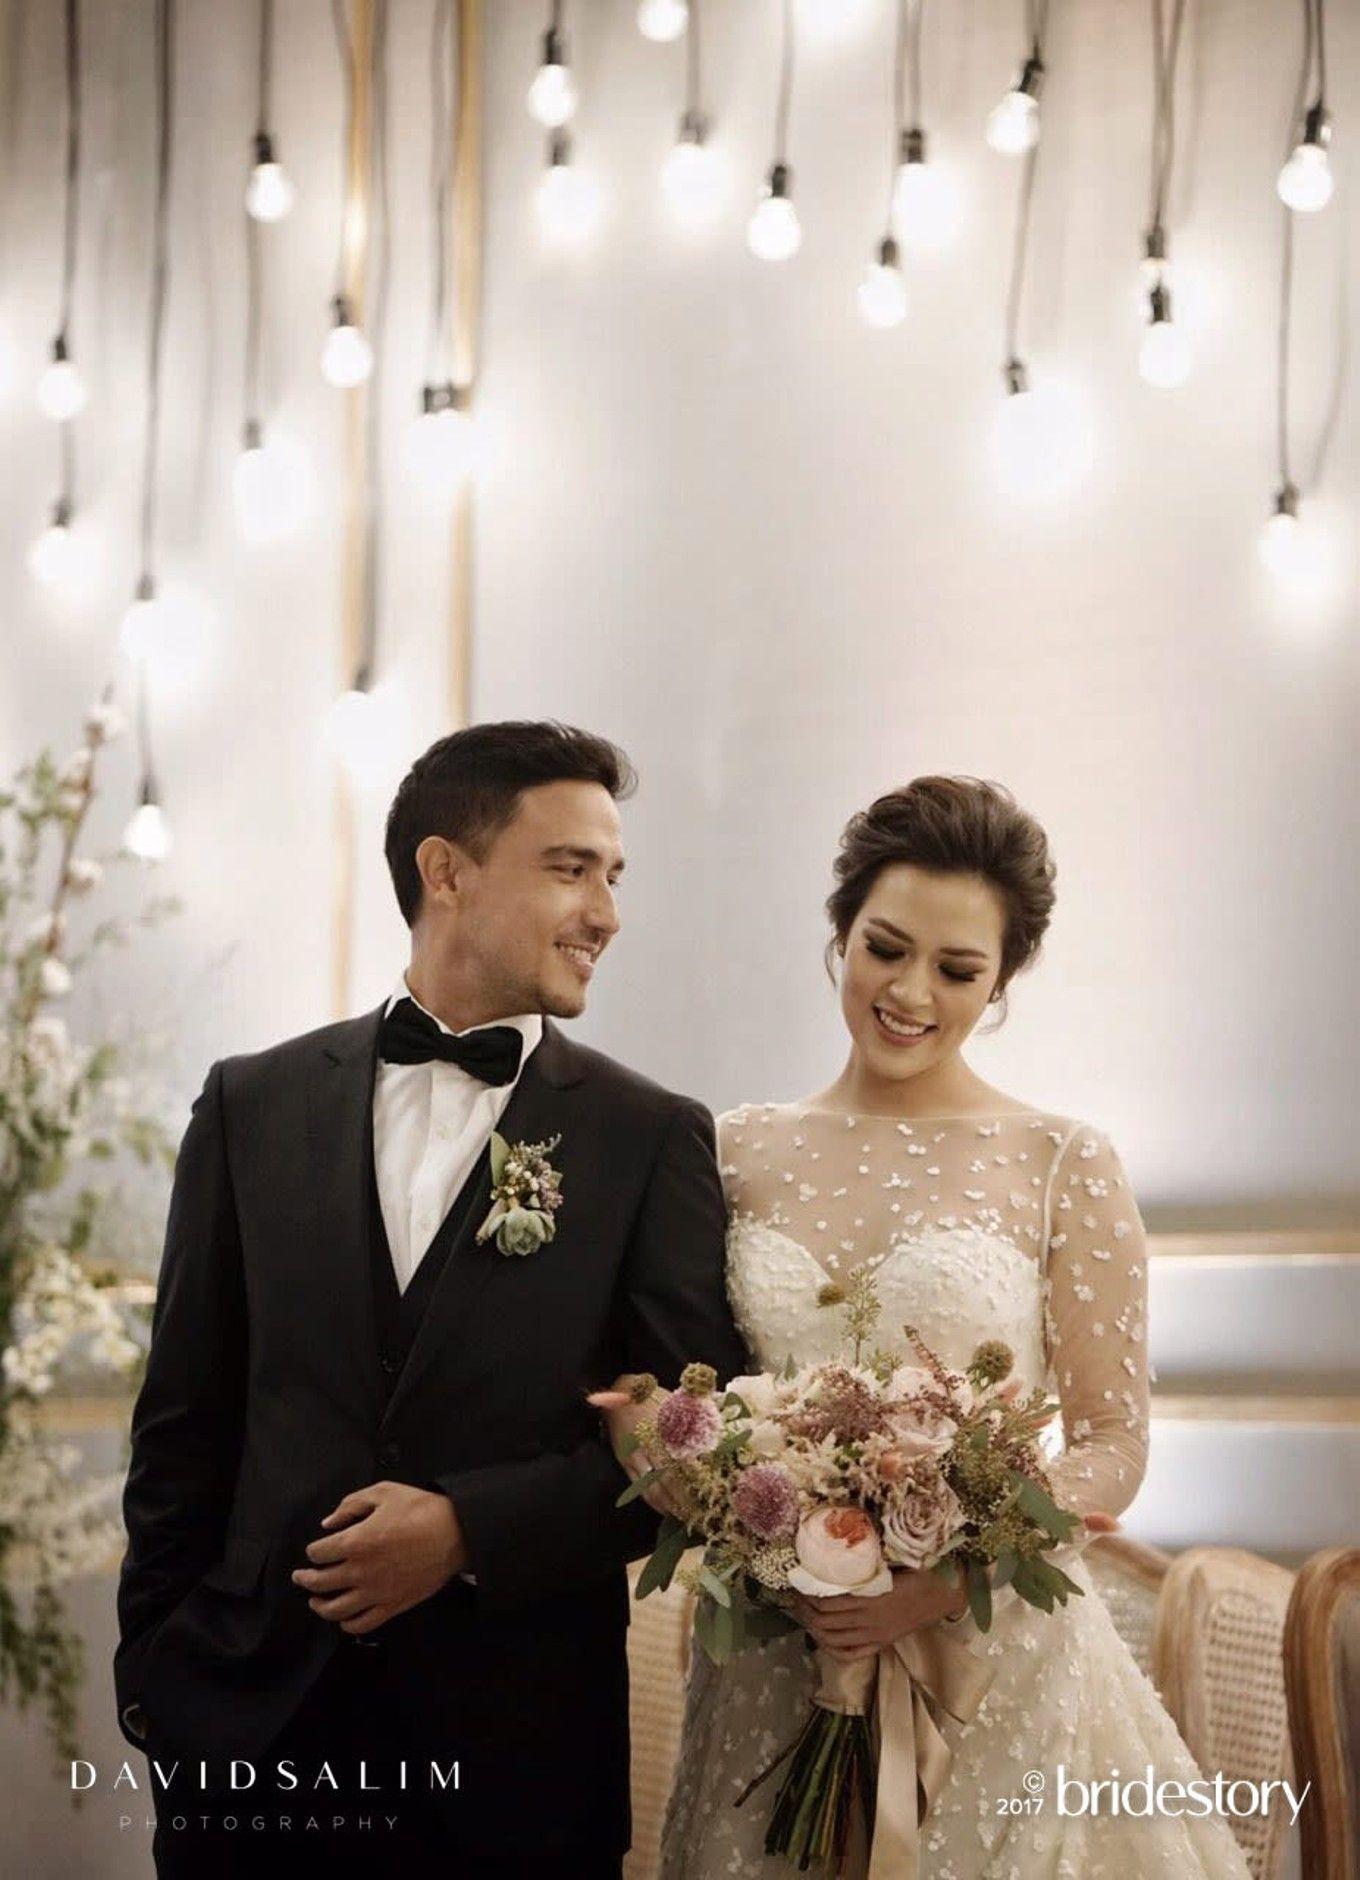 12 Langkah Merencanakan Pernikahan Impian Dari Raisa